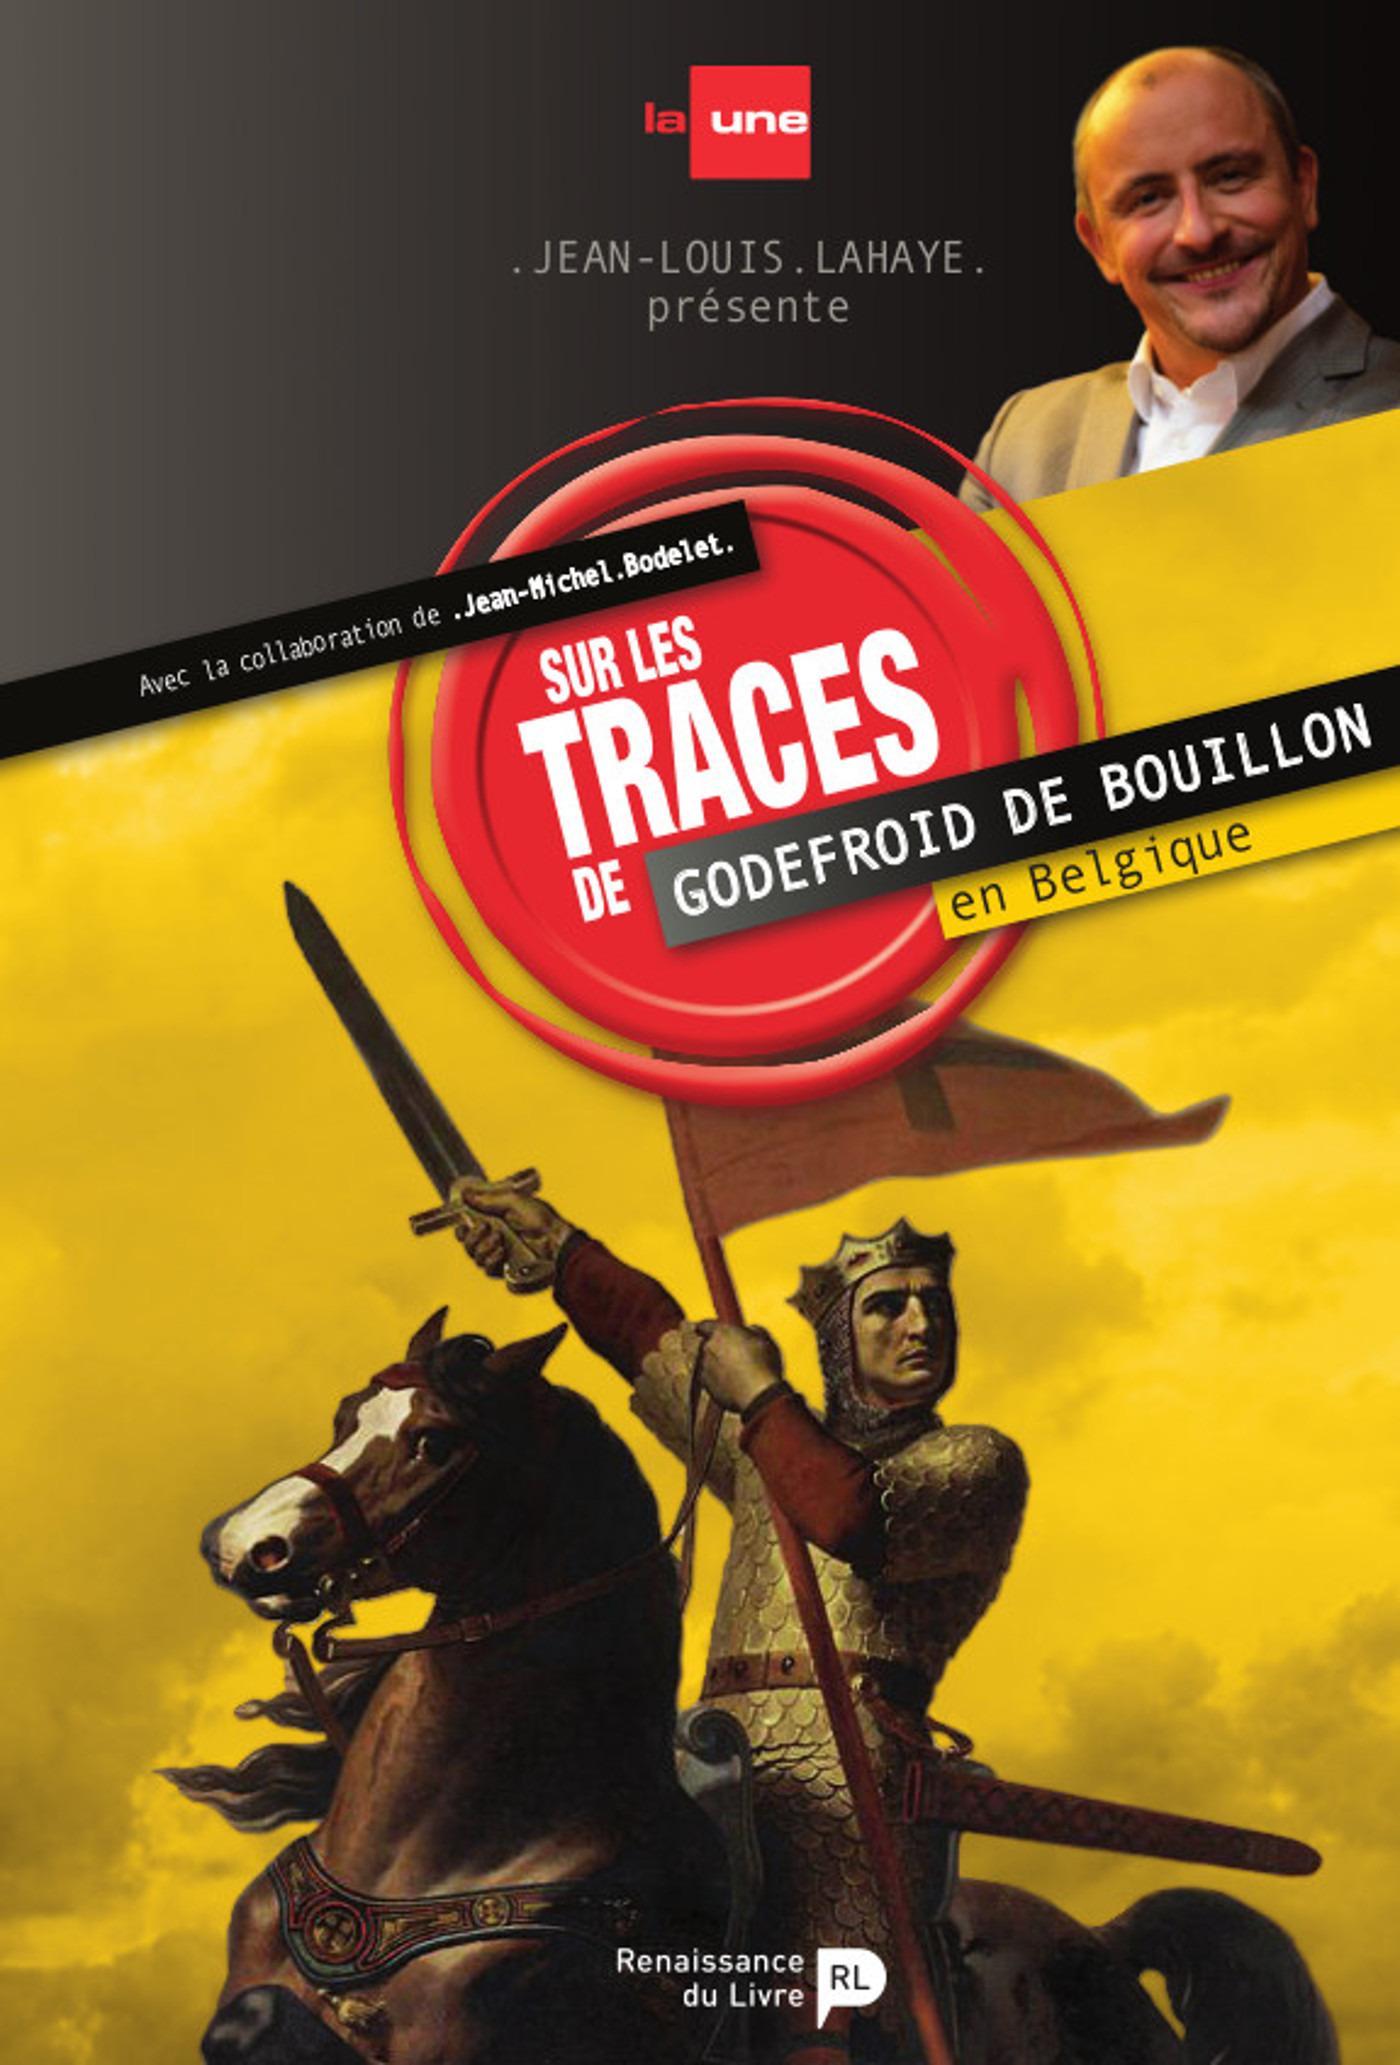 Sur les traces de Godefroid de Bouillon en Belgique